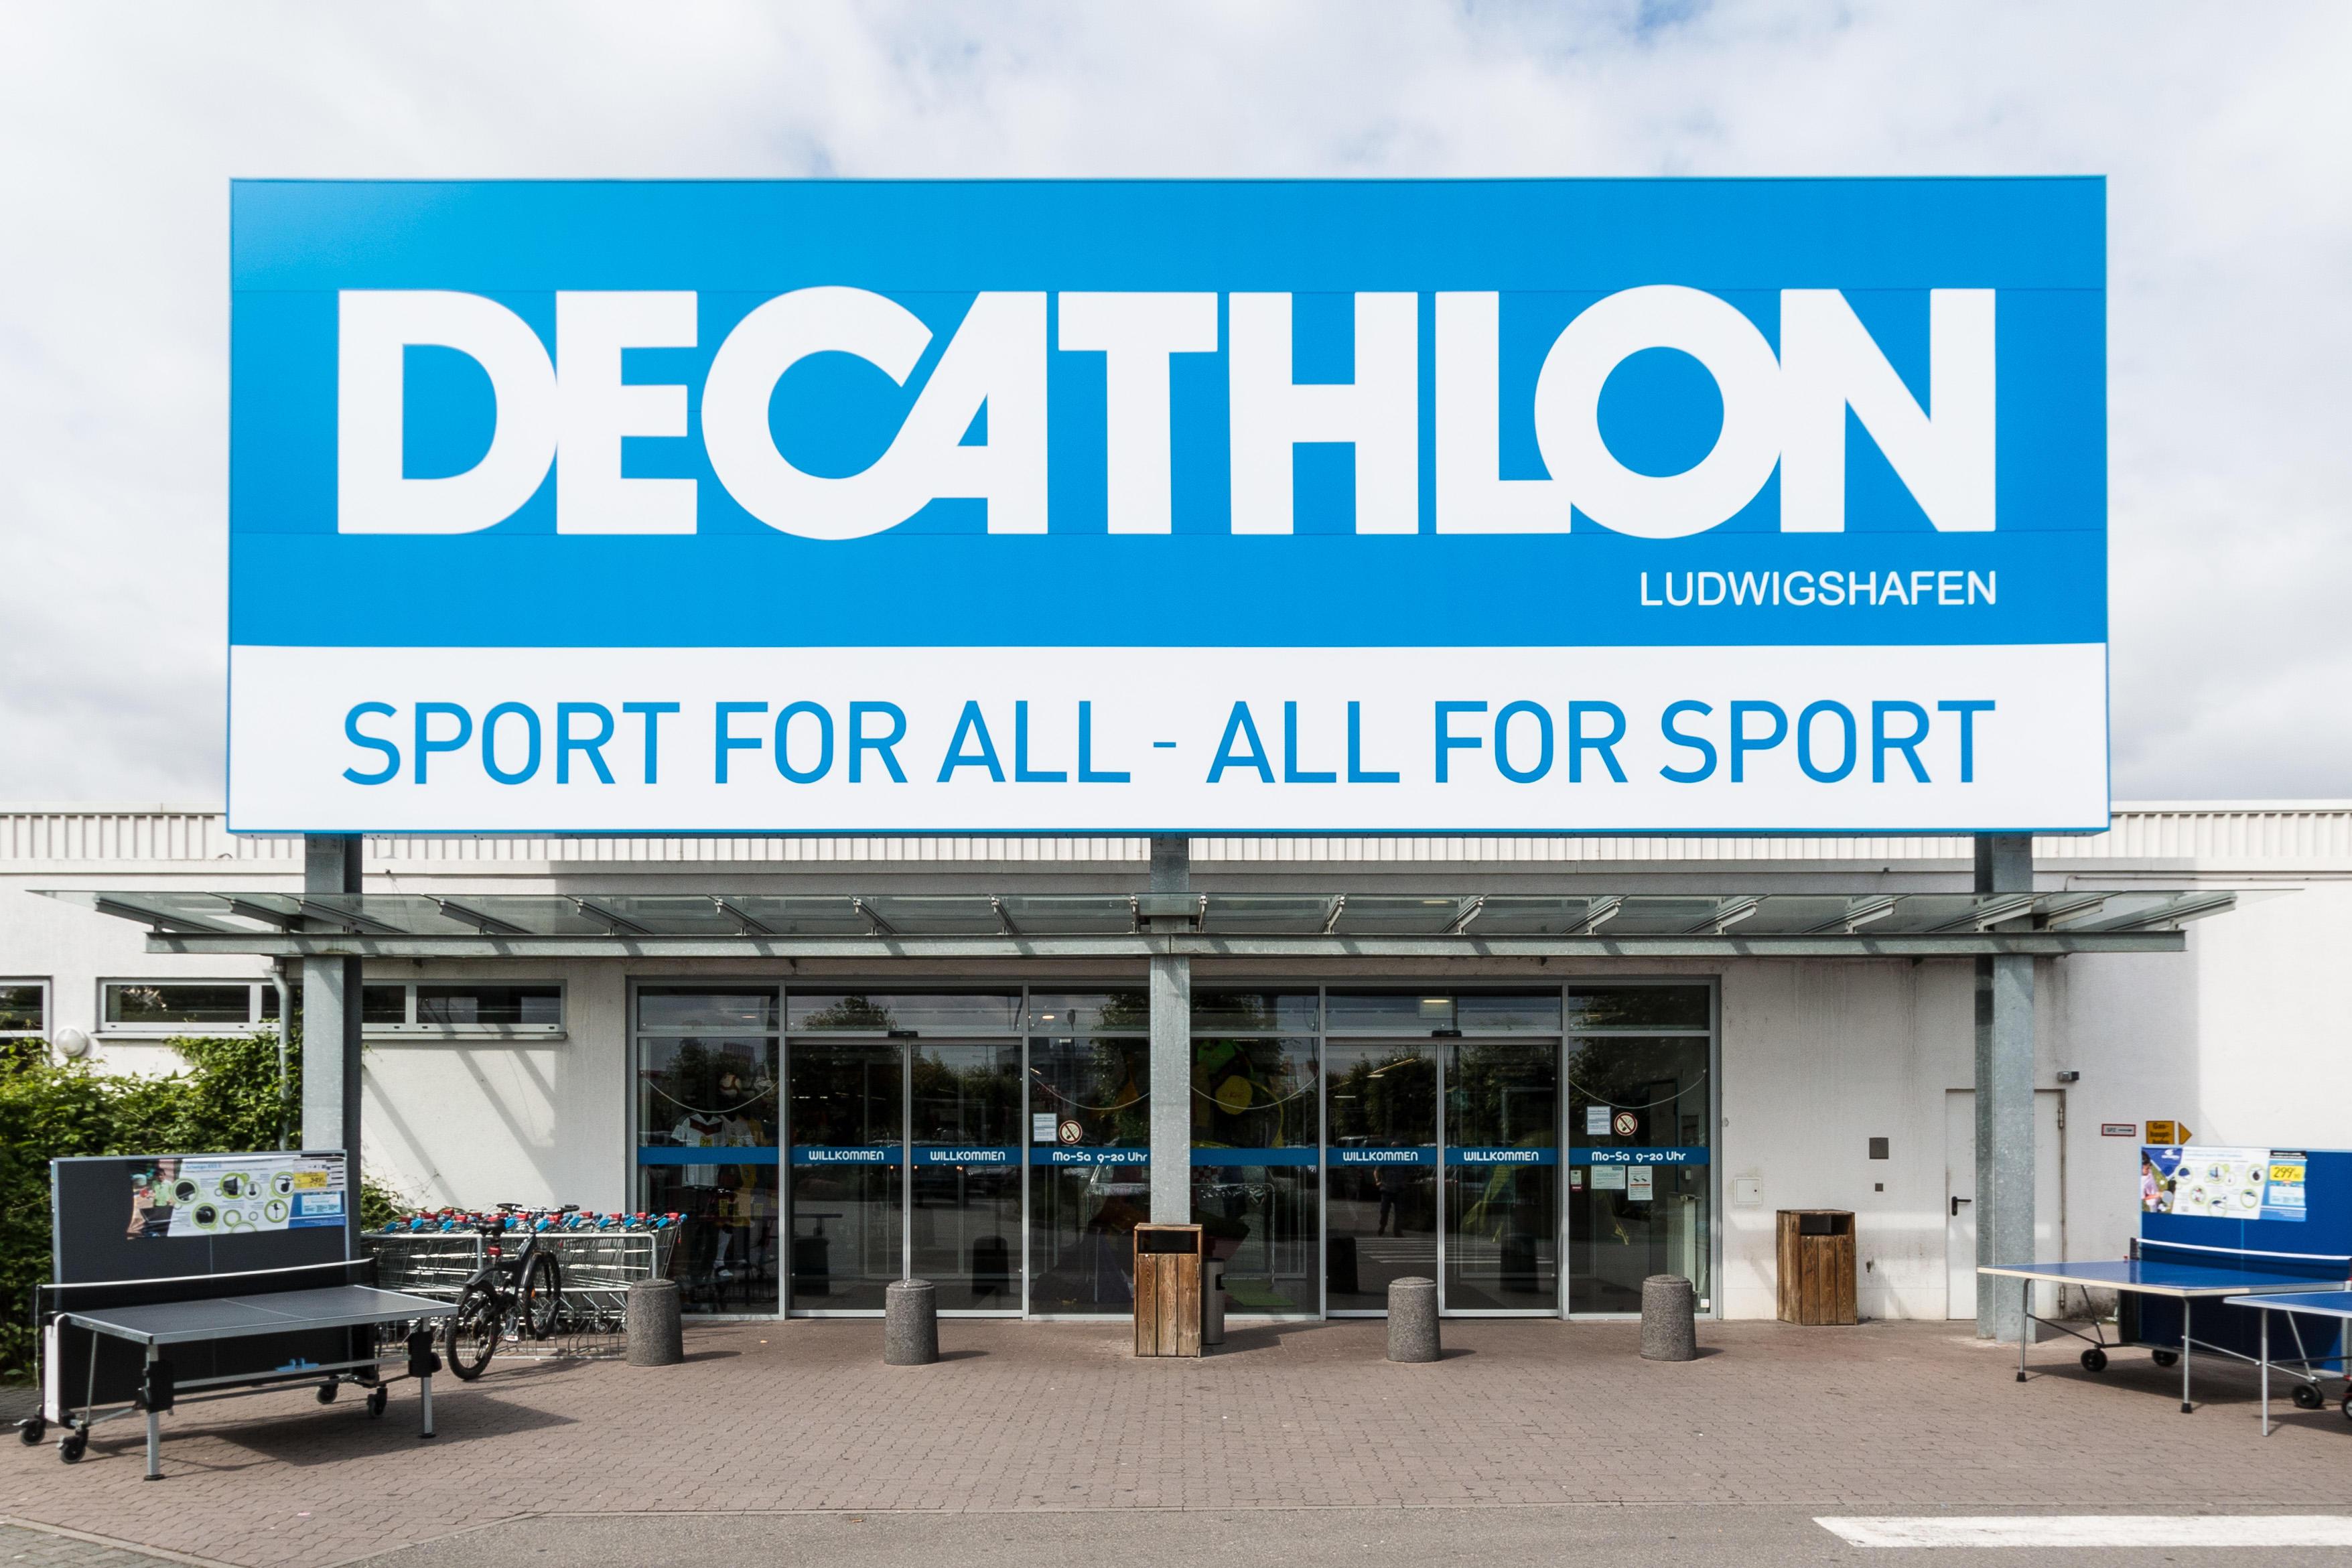 decathlon ludwigshafen in ludwigshafen am rhein branchenbuch deutschland. Black Bedroom Furniture Sets. Home Design Ideas